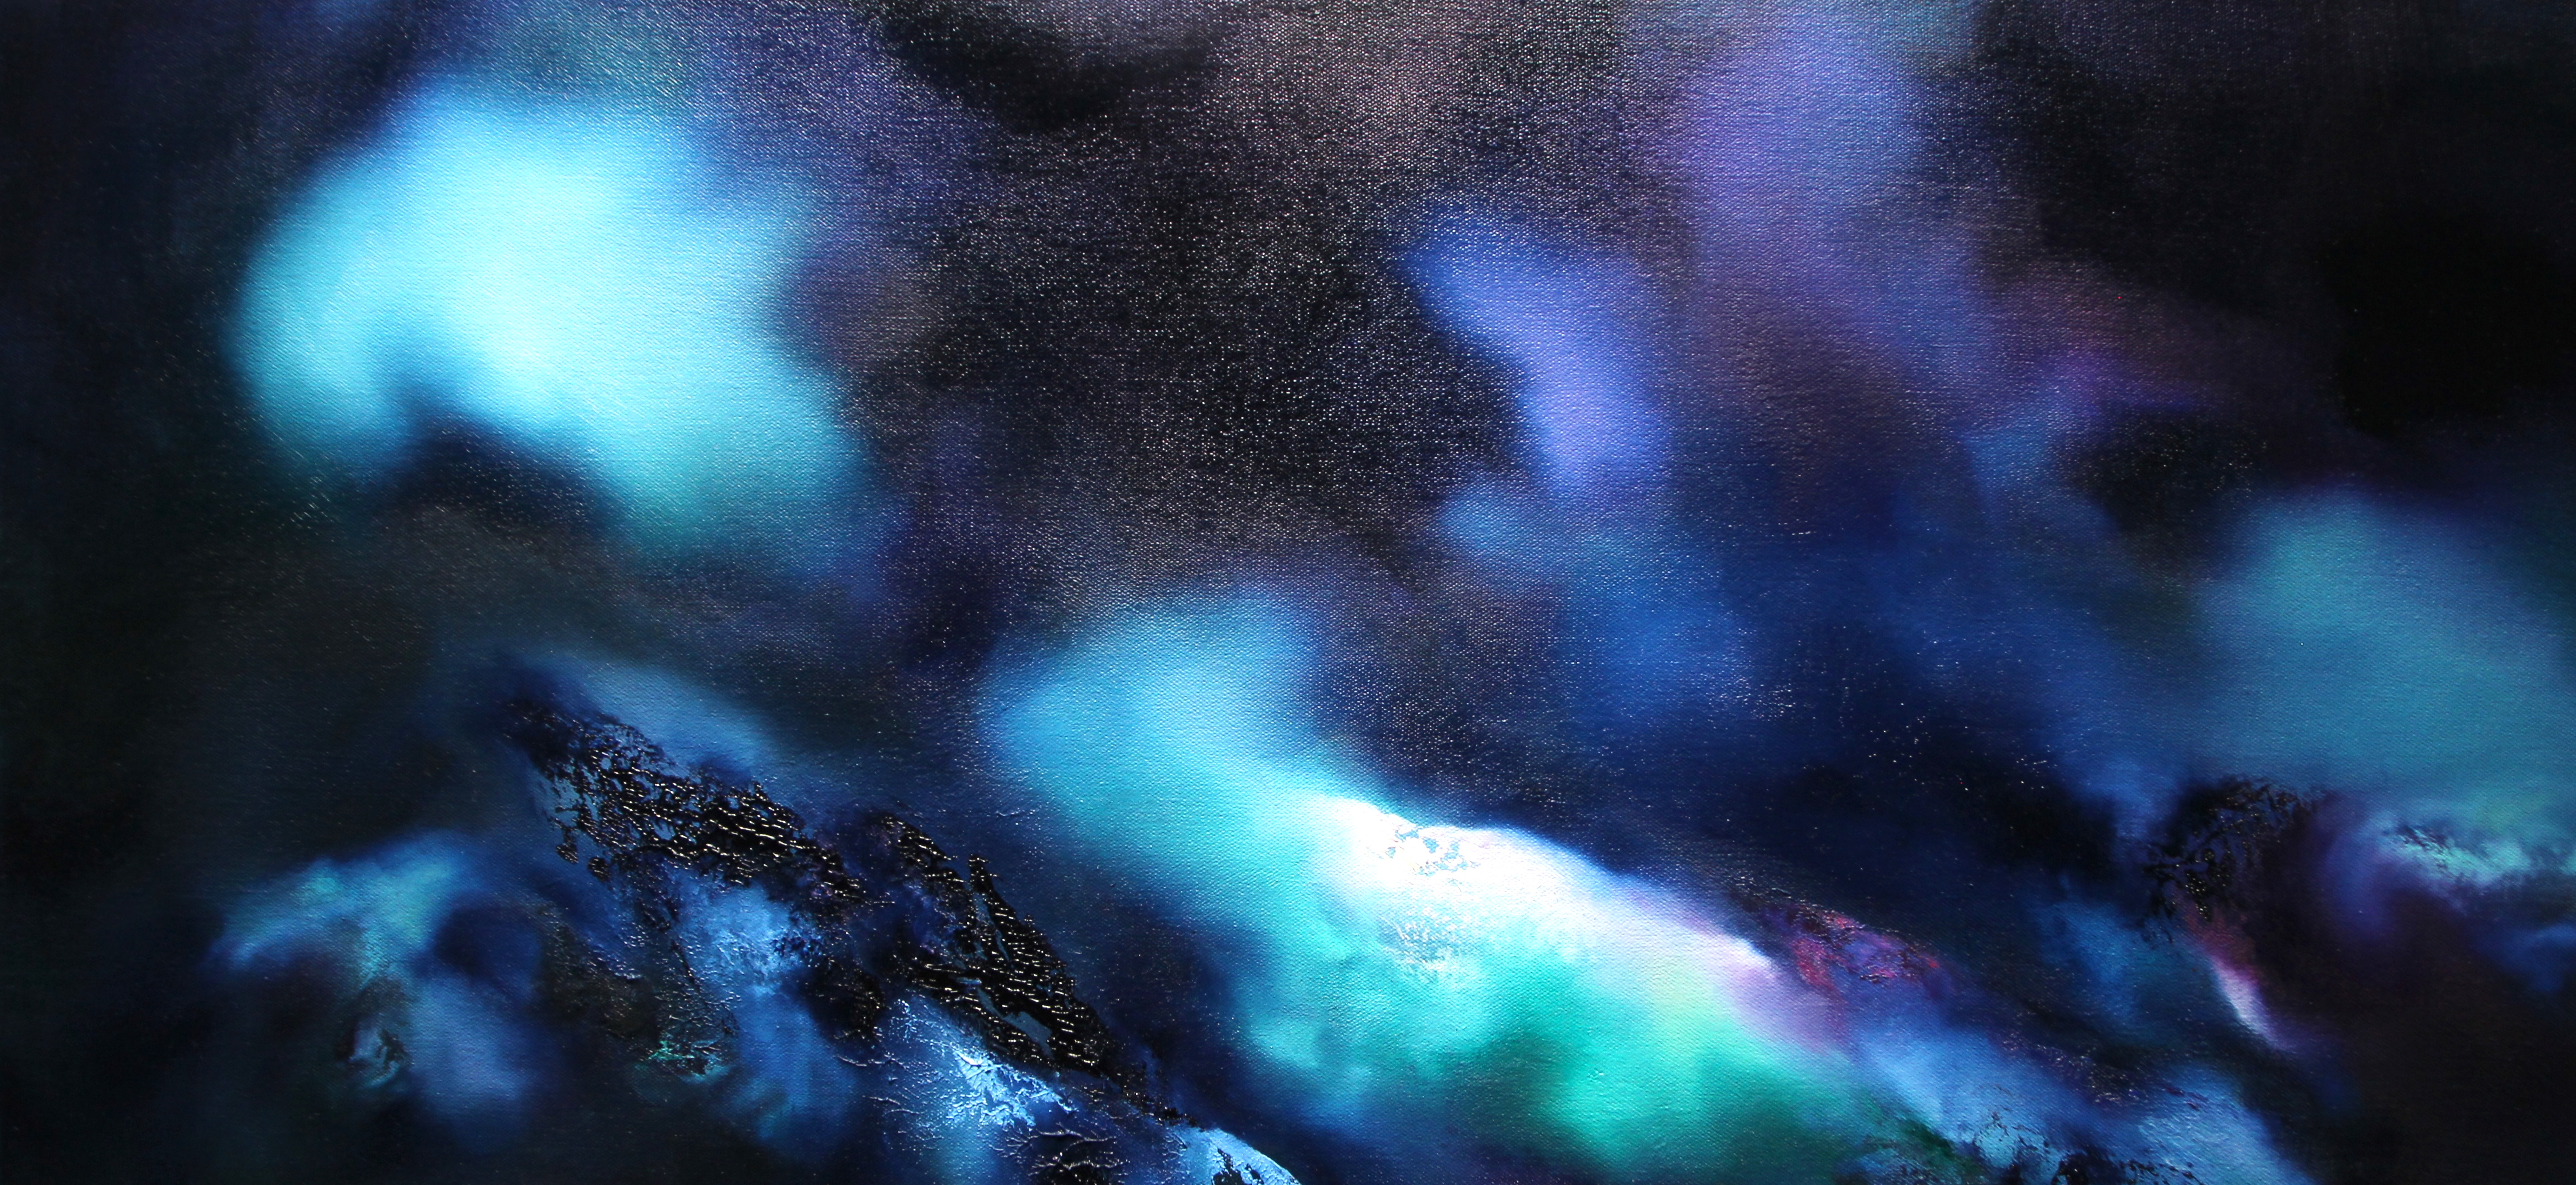 Dirgelwch y Nos/Night's Mystery 70 x 37cm